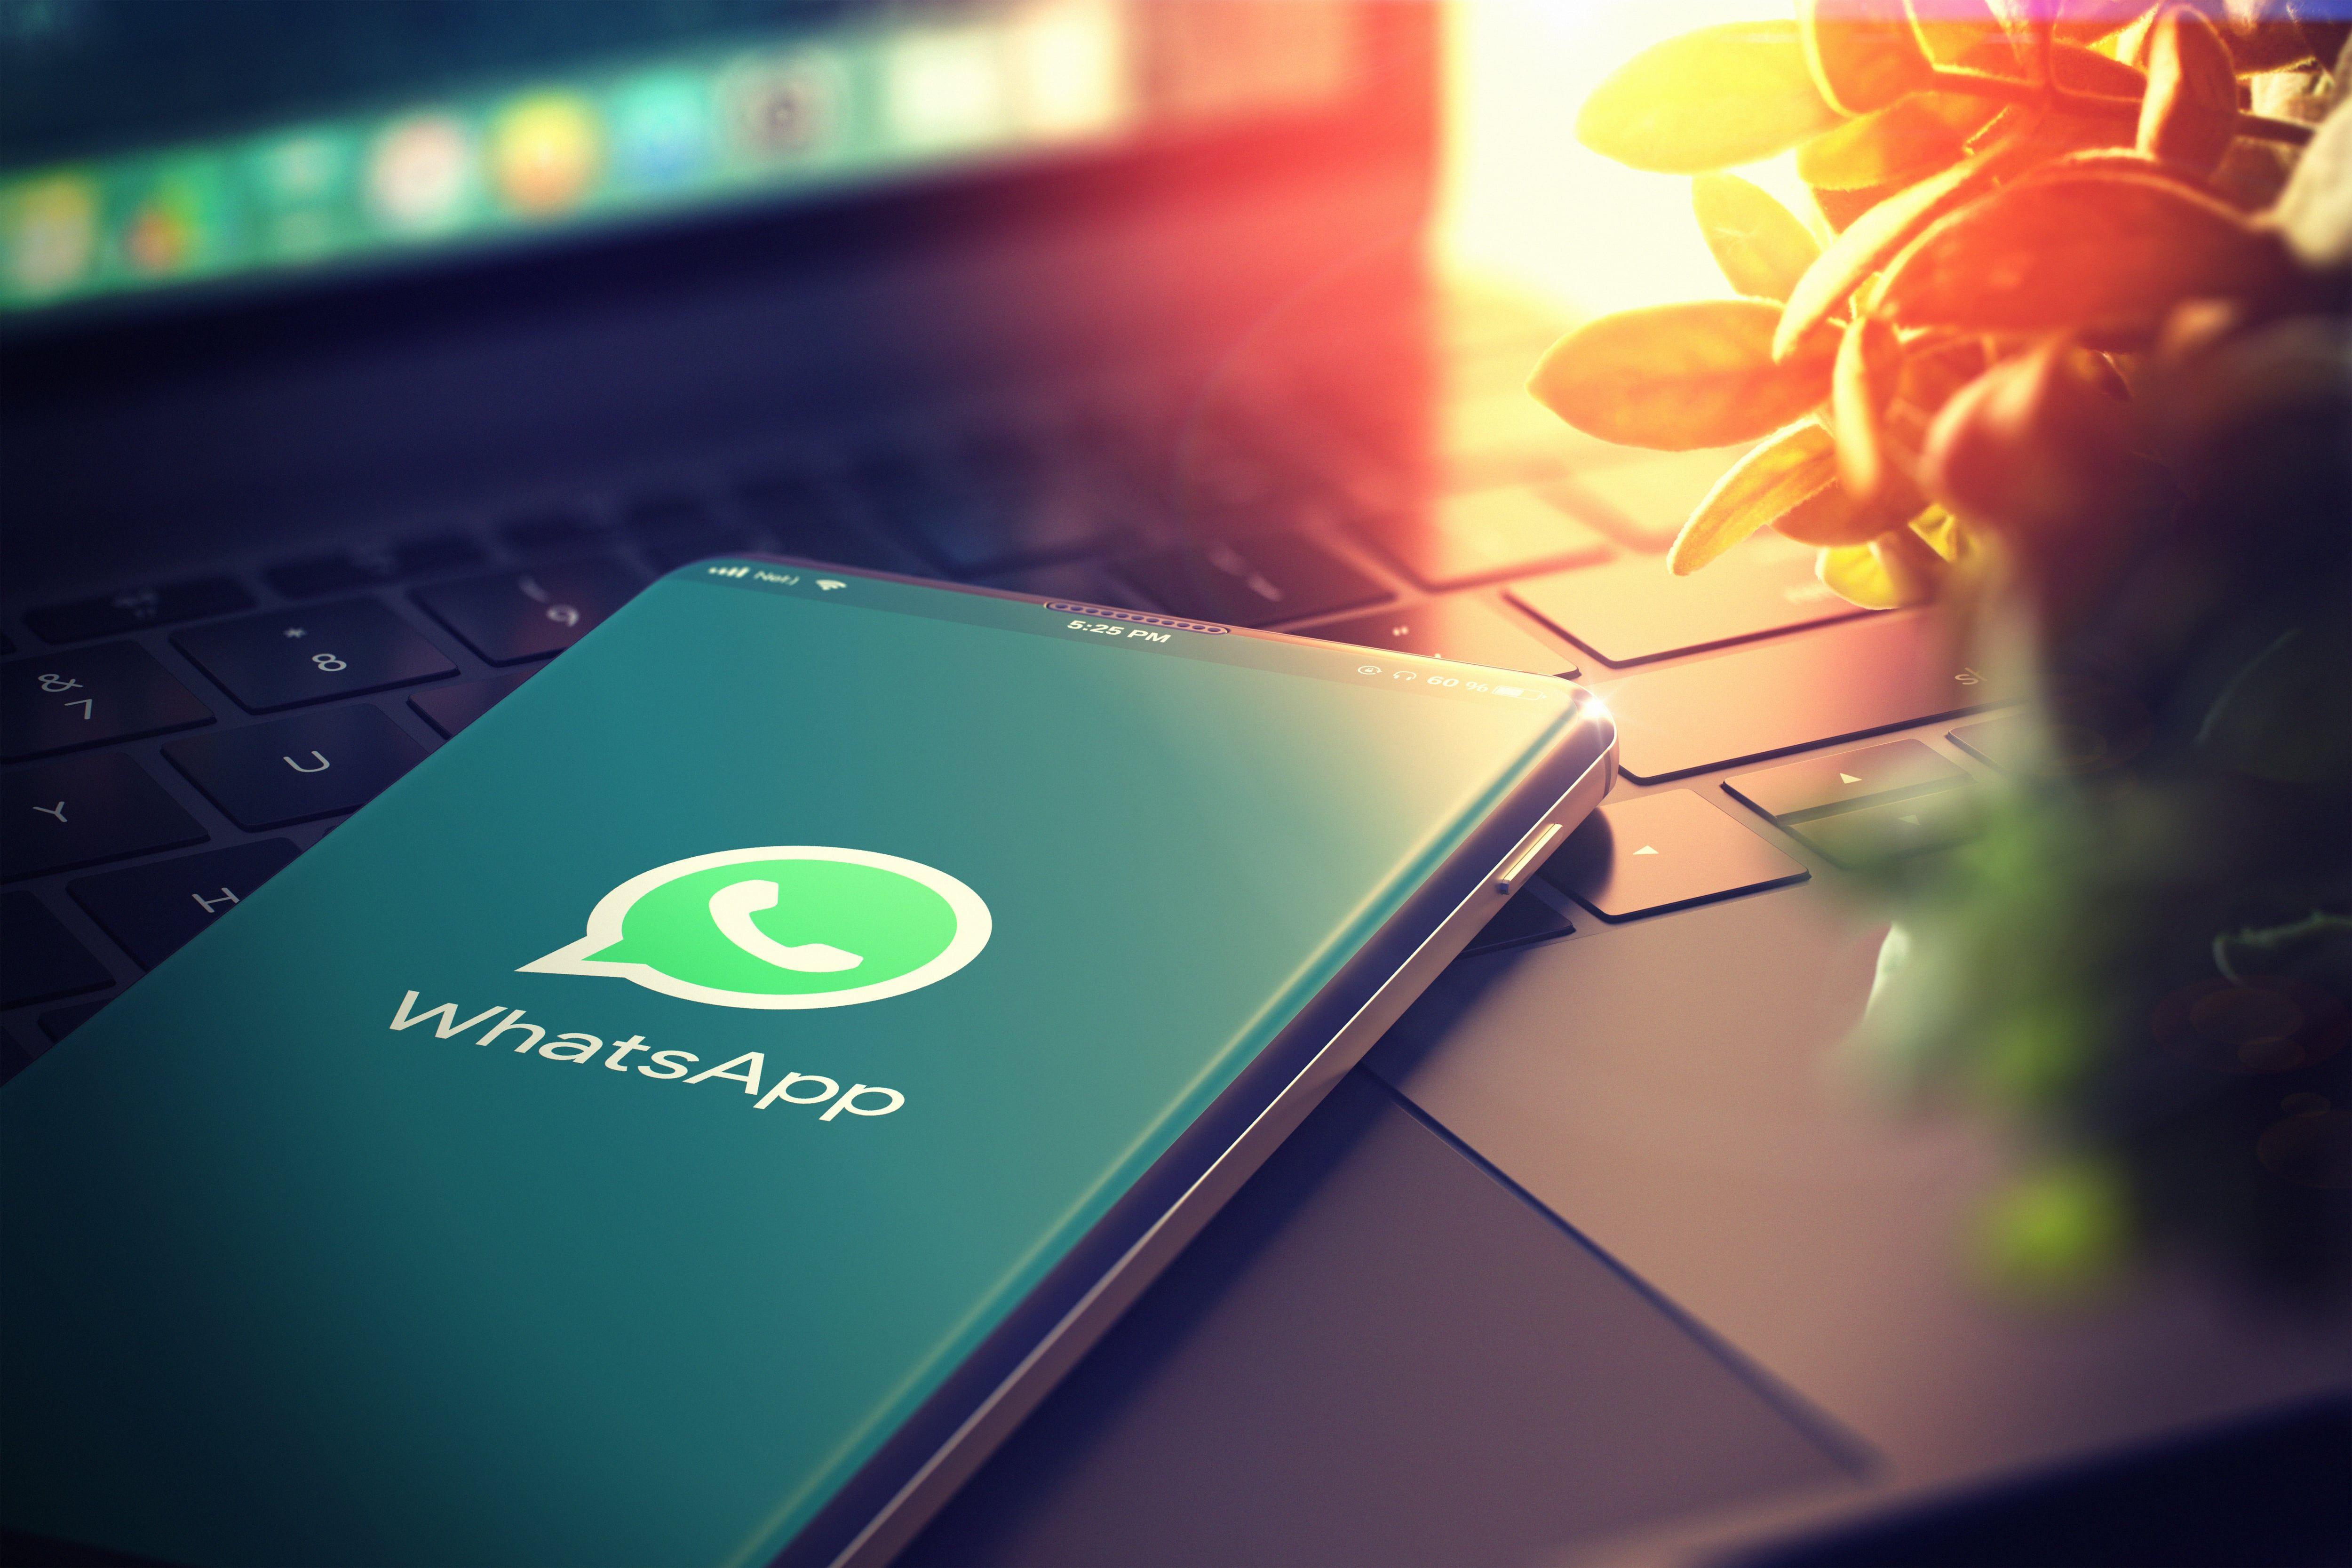 Integração com WhatsApp: veja as funcionalidades do Prosoft Analir